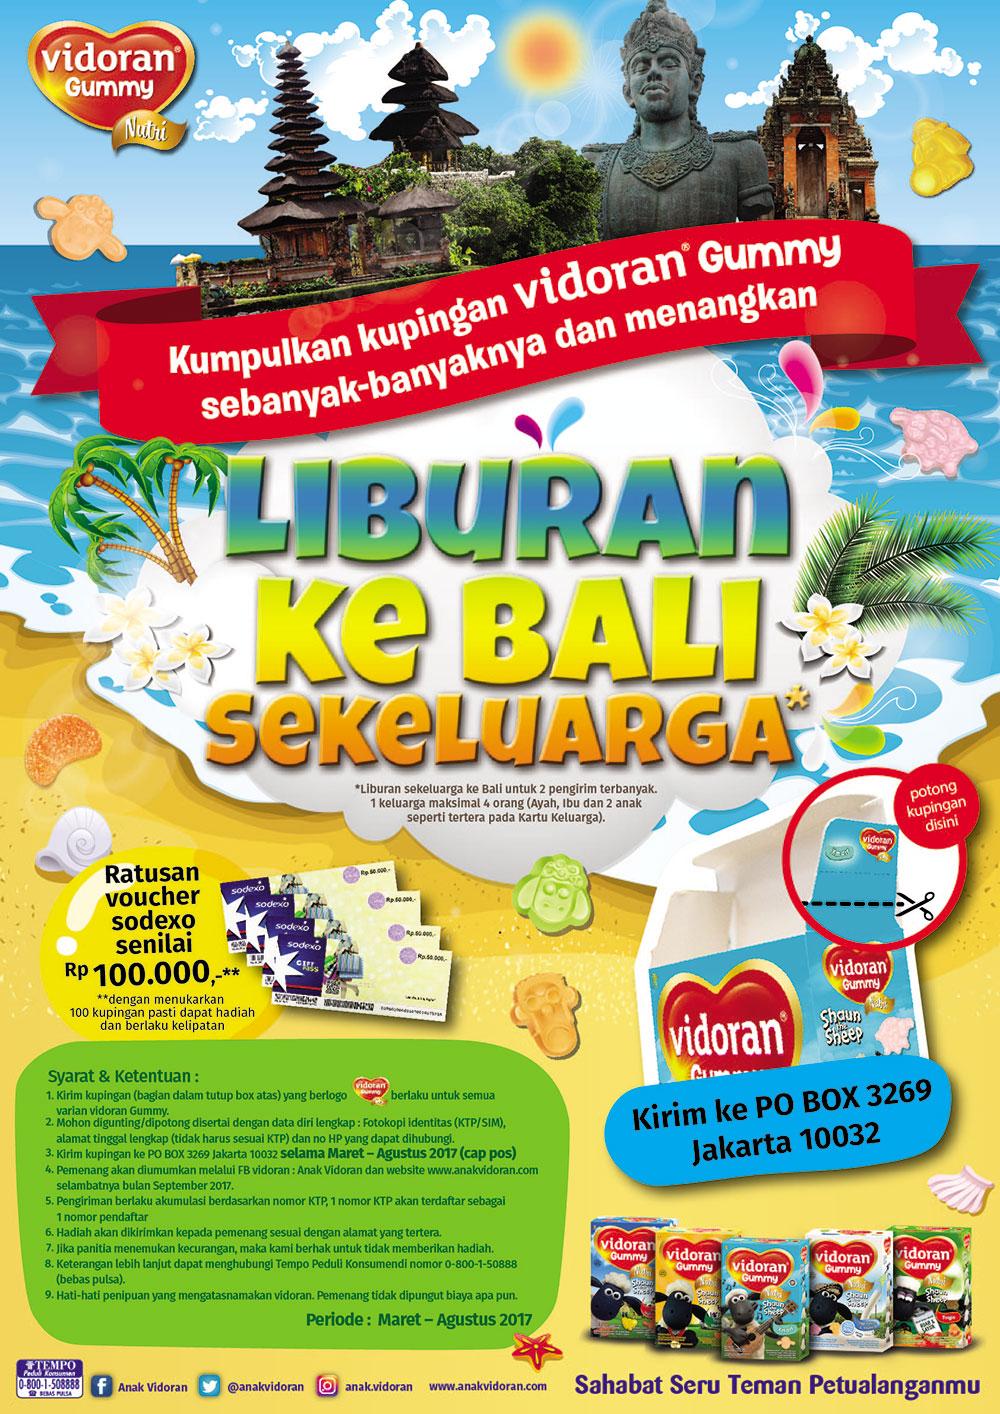 Liburan Ke Bali Sekeluarga dari Vidoran Gummy